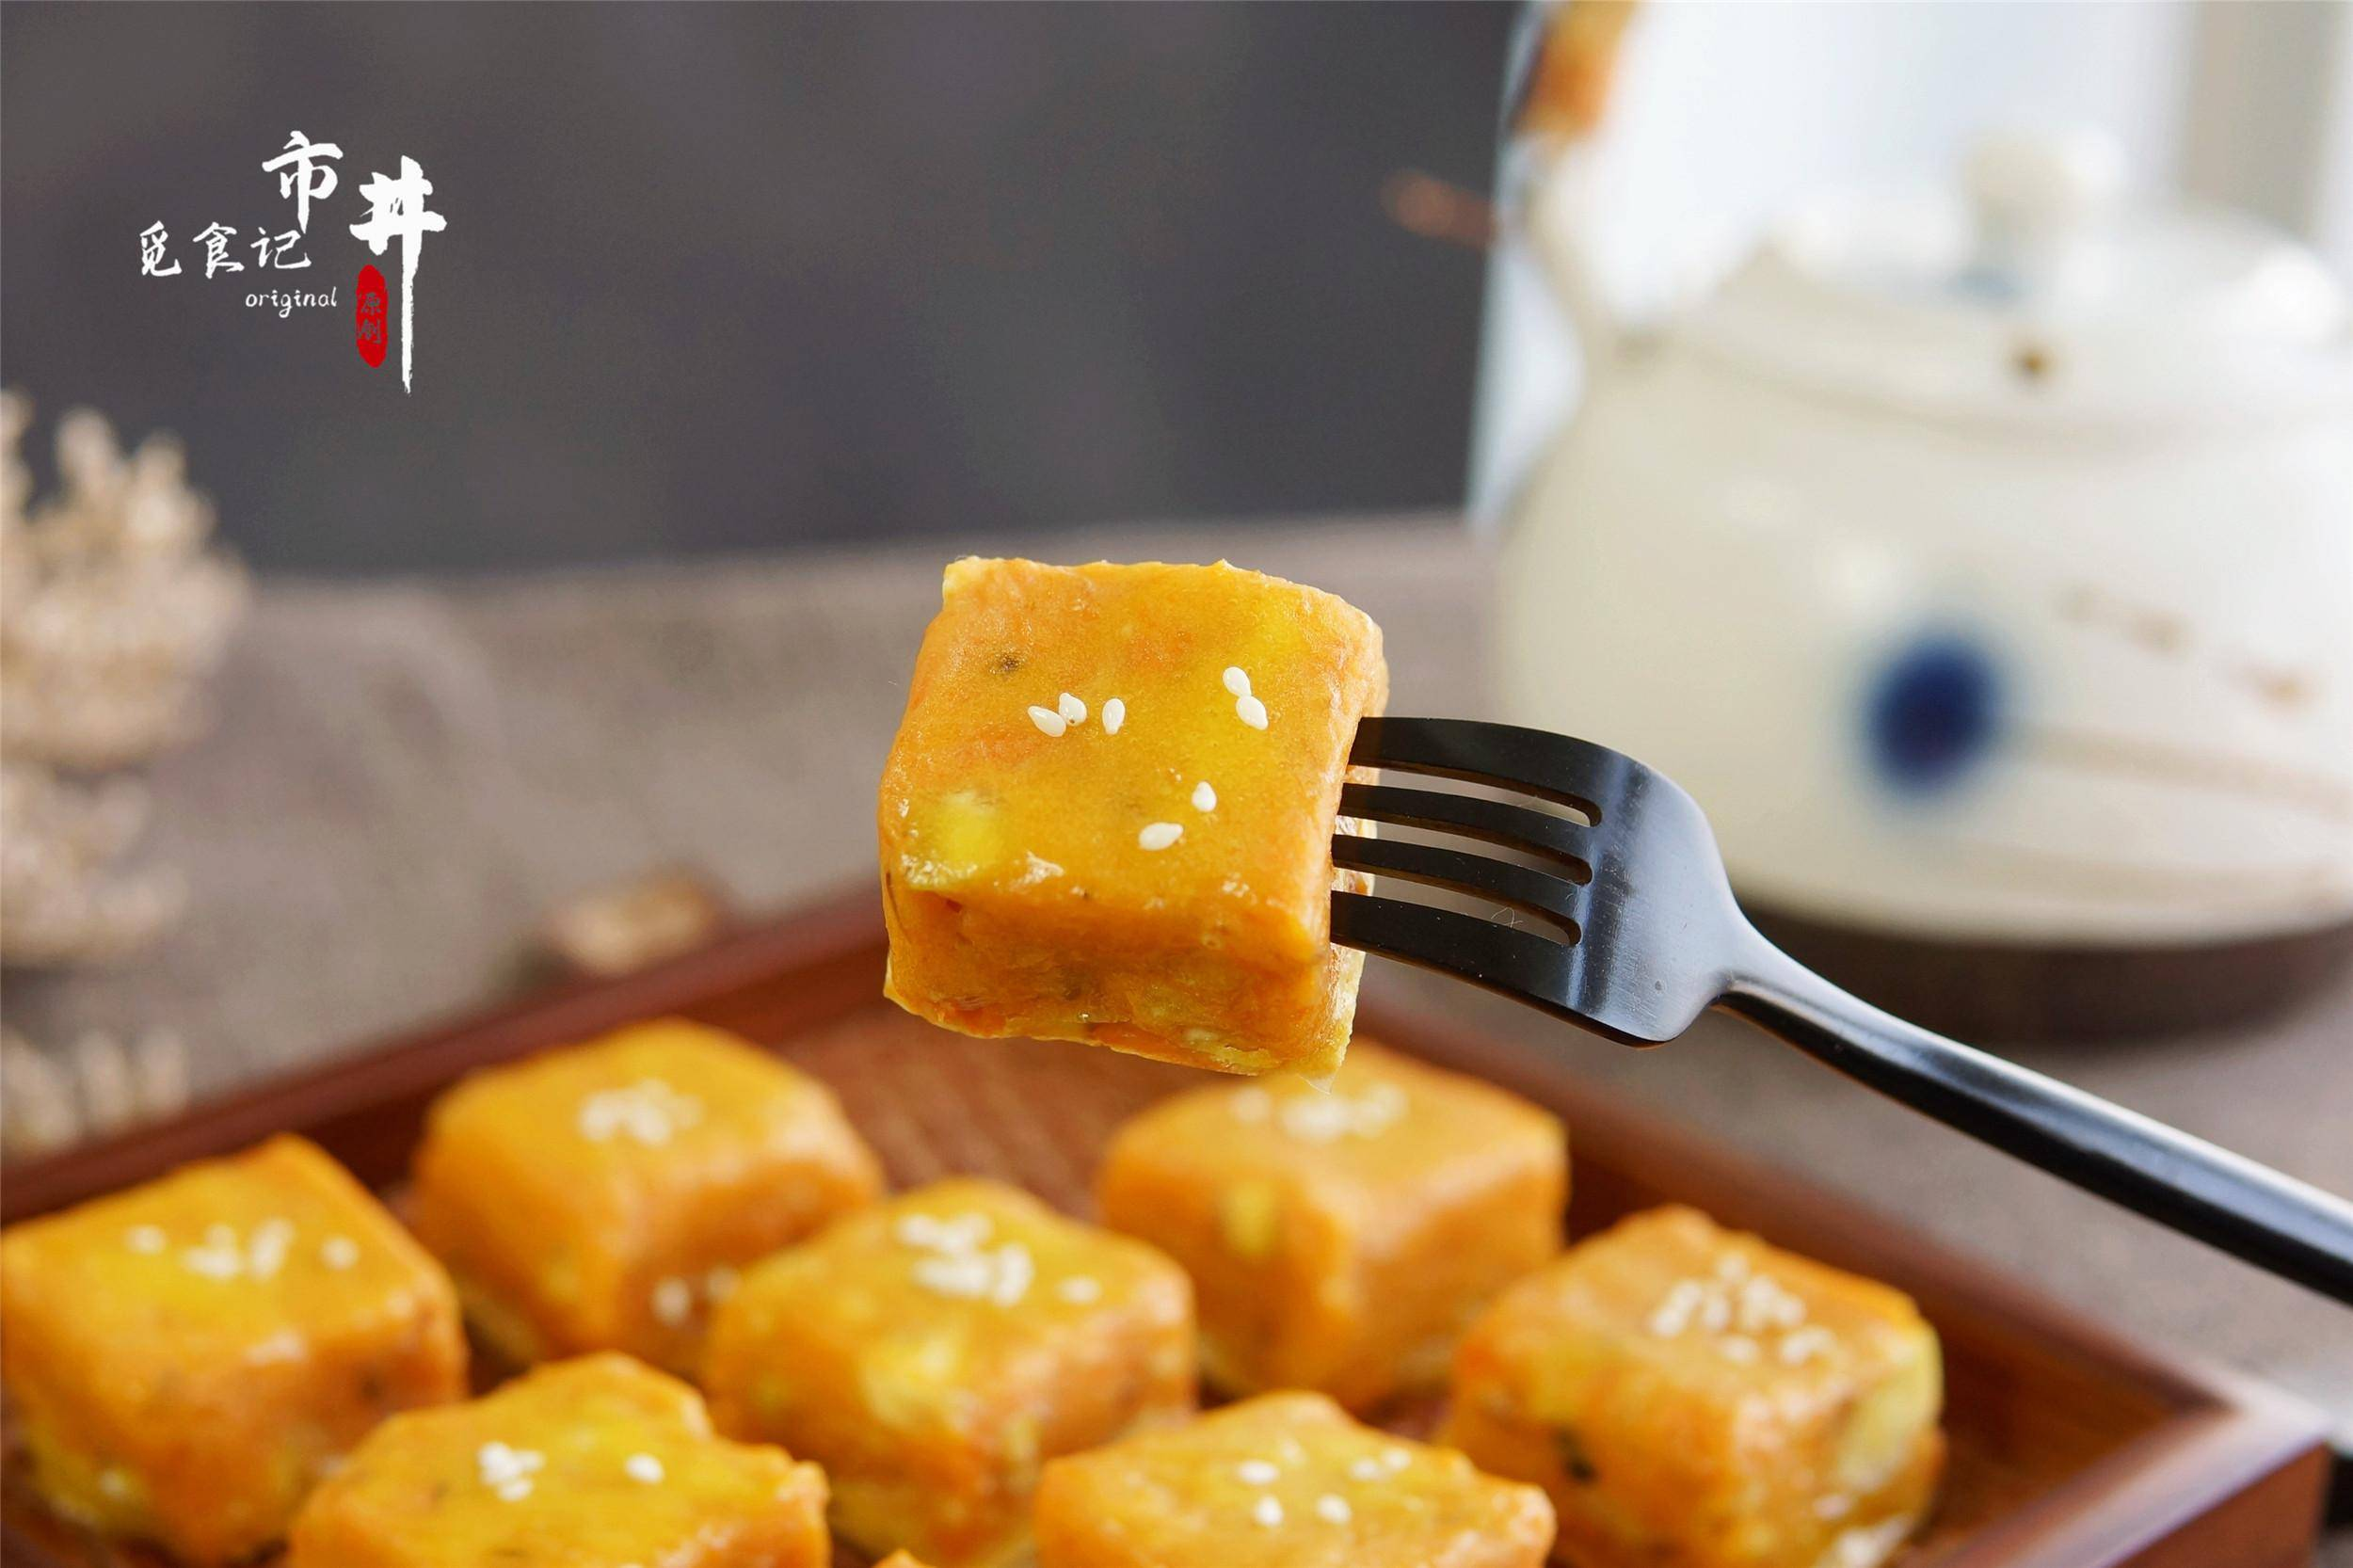 深秋了,吃山药吃南瓜别忘了吃它,蒸熟每天吃2块,精气神满满